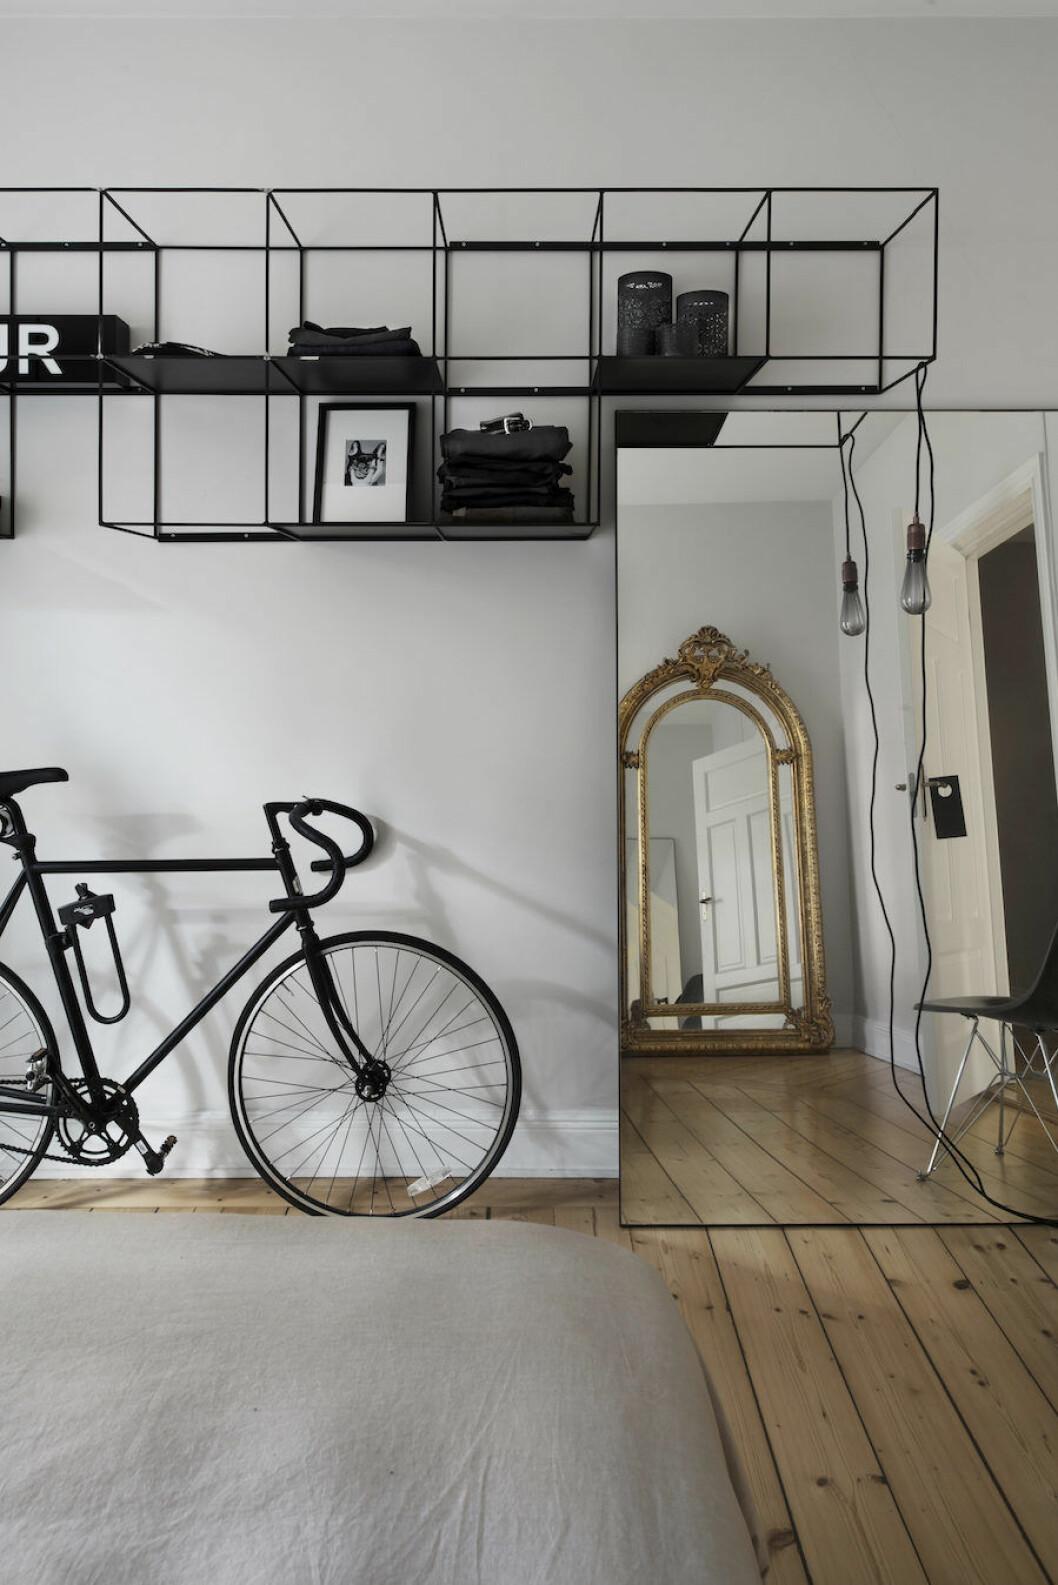 Cykel från Bikeid, guldspegel från Lauritz. Sladdlampa från Frame med led-lampa från Buster + Punch hemma hos Michelle Meadows.